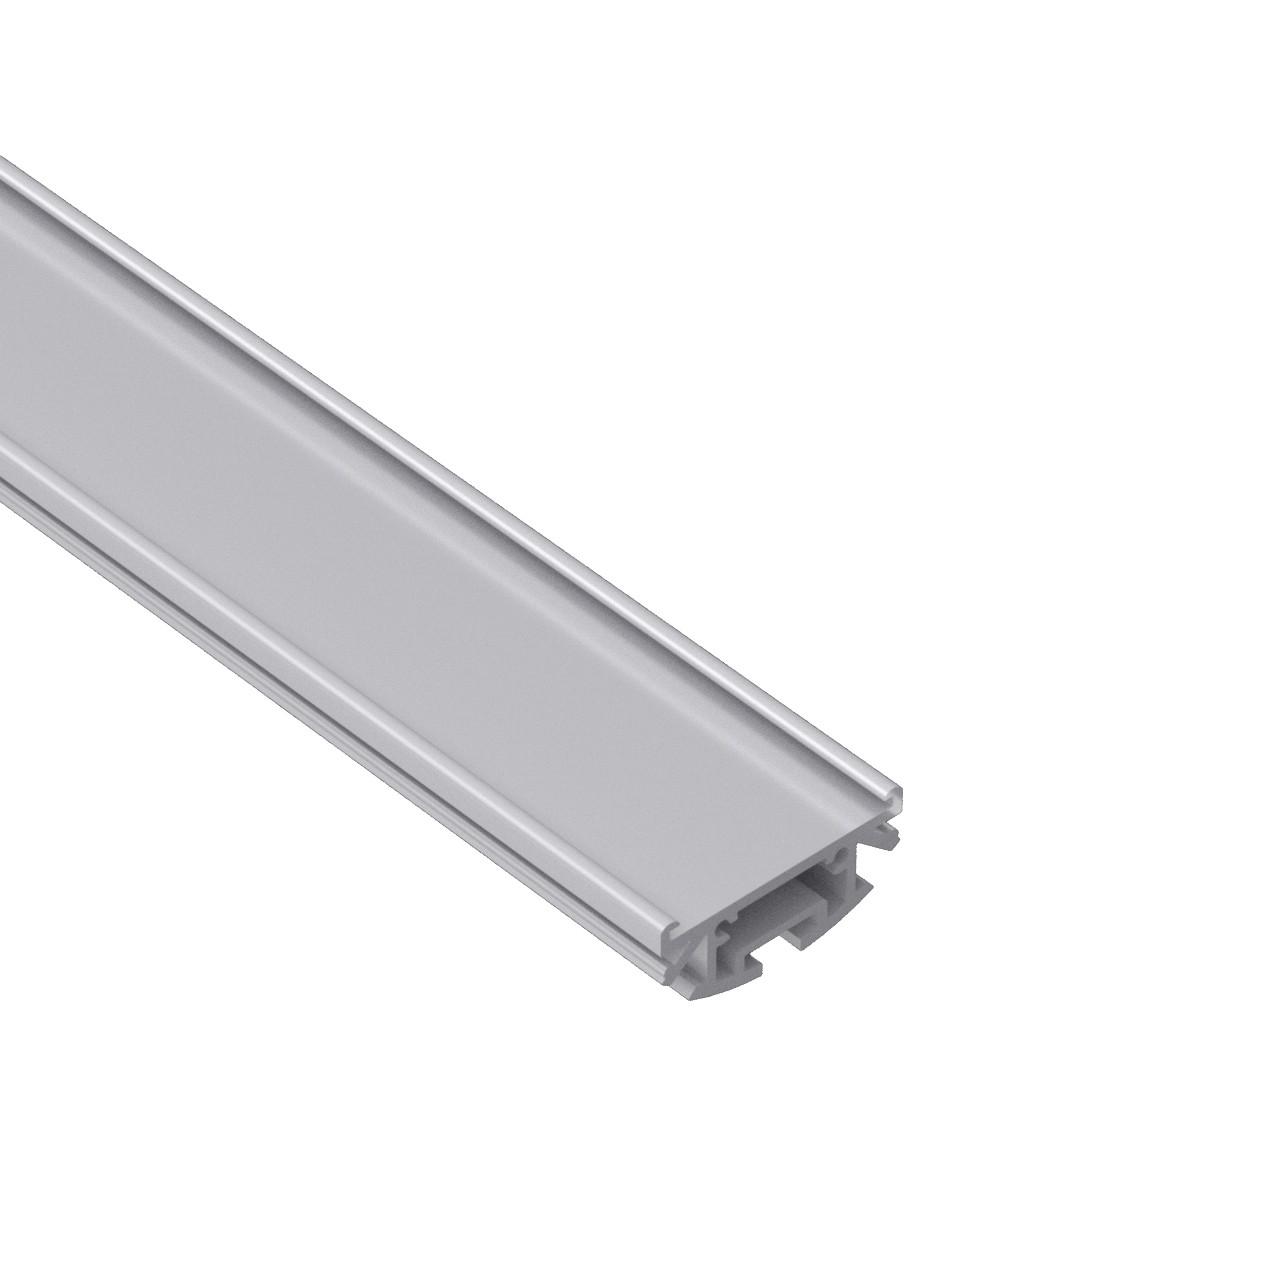 R60 Suspenso Perfil LED Tubo para a Faixa de LED dia 60 milímetros